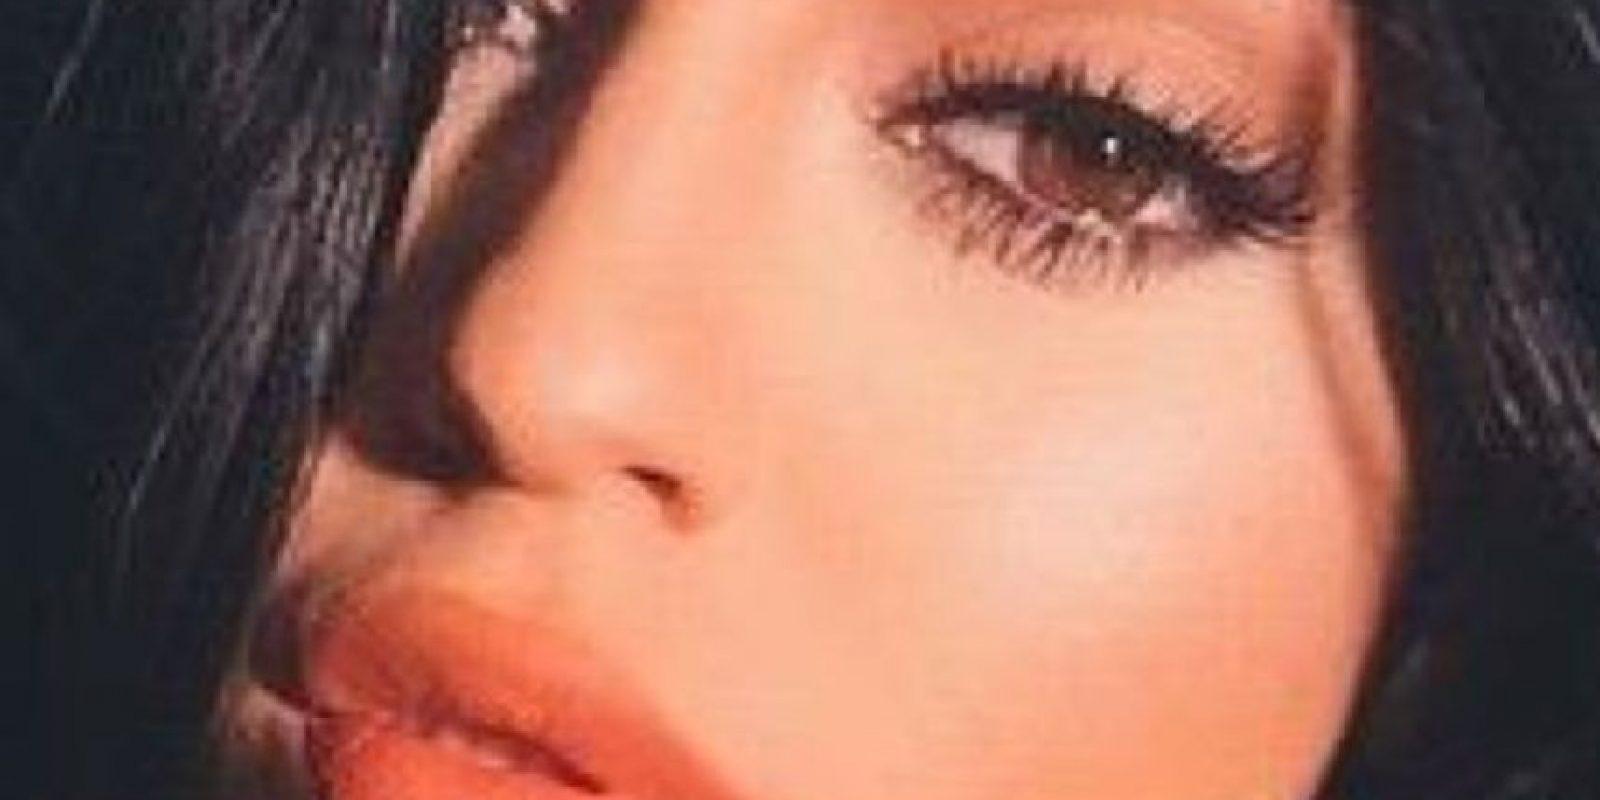 Ni siquiera Kylie Jenner aprobó la absurda tendencia de los adolescentes en la red: #KylieJennerChallenge. Ponerse botellas en los labios para tener su volumen. Foto:vía Instagram/Kylie Jenner